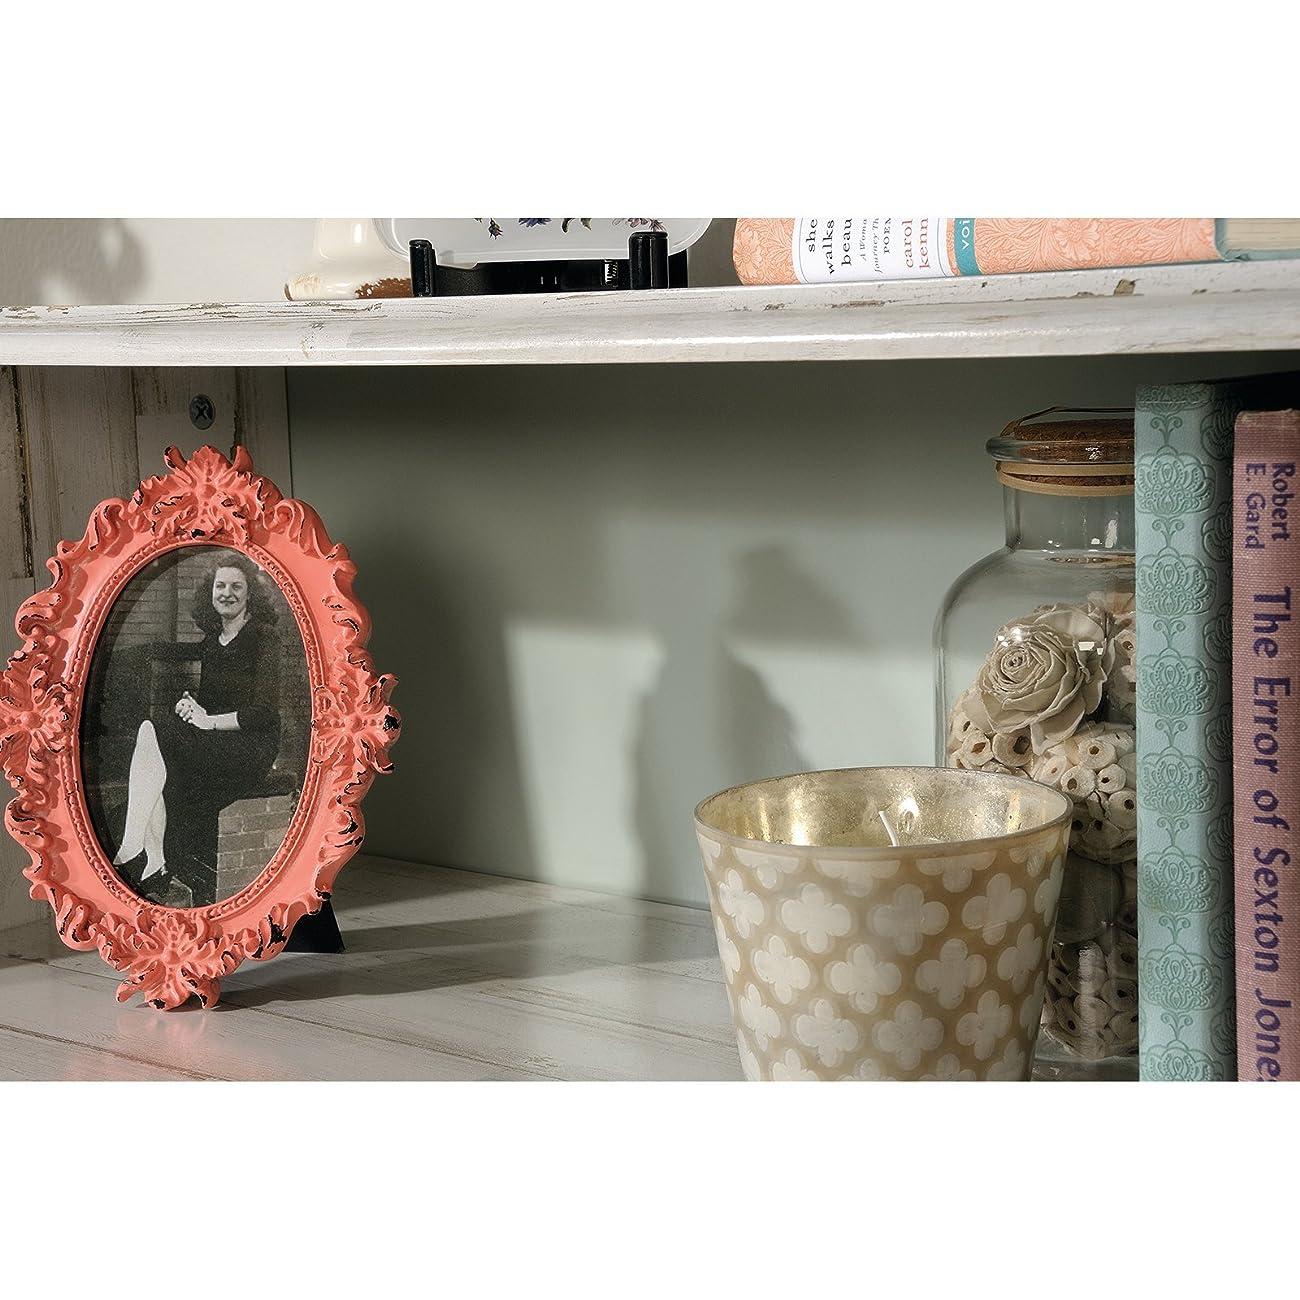 Sauder Eden Rue Accent Bookcase 6